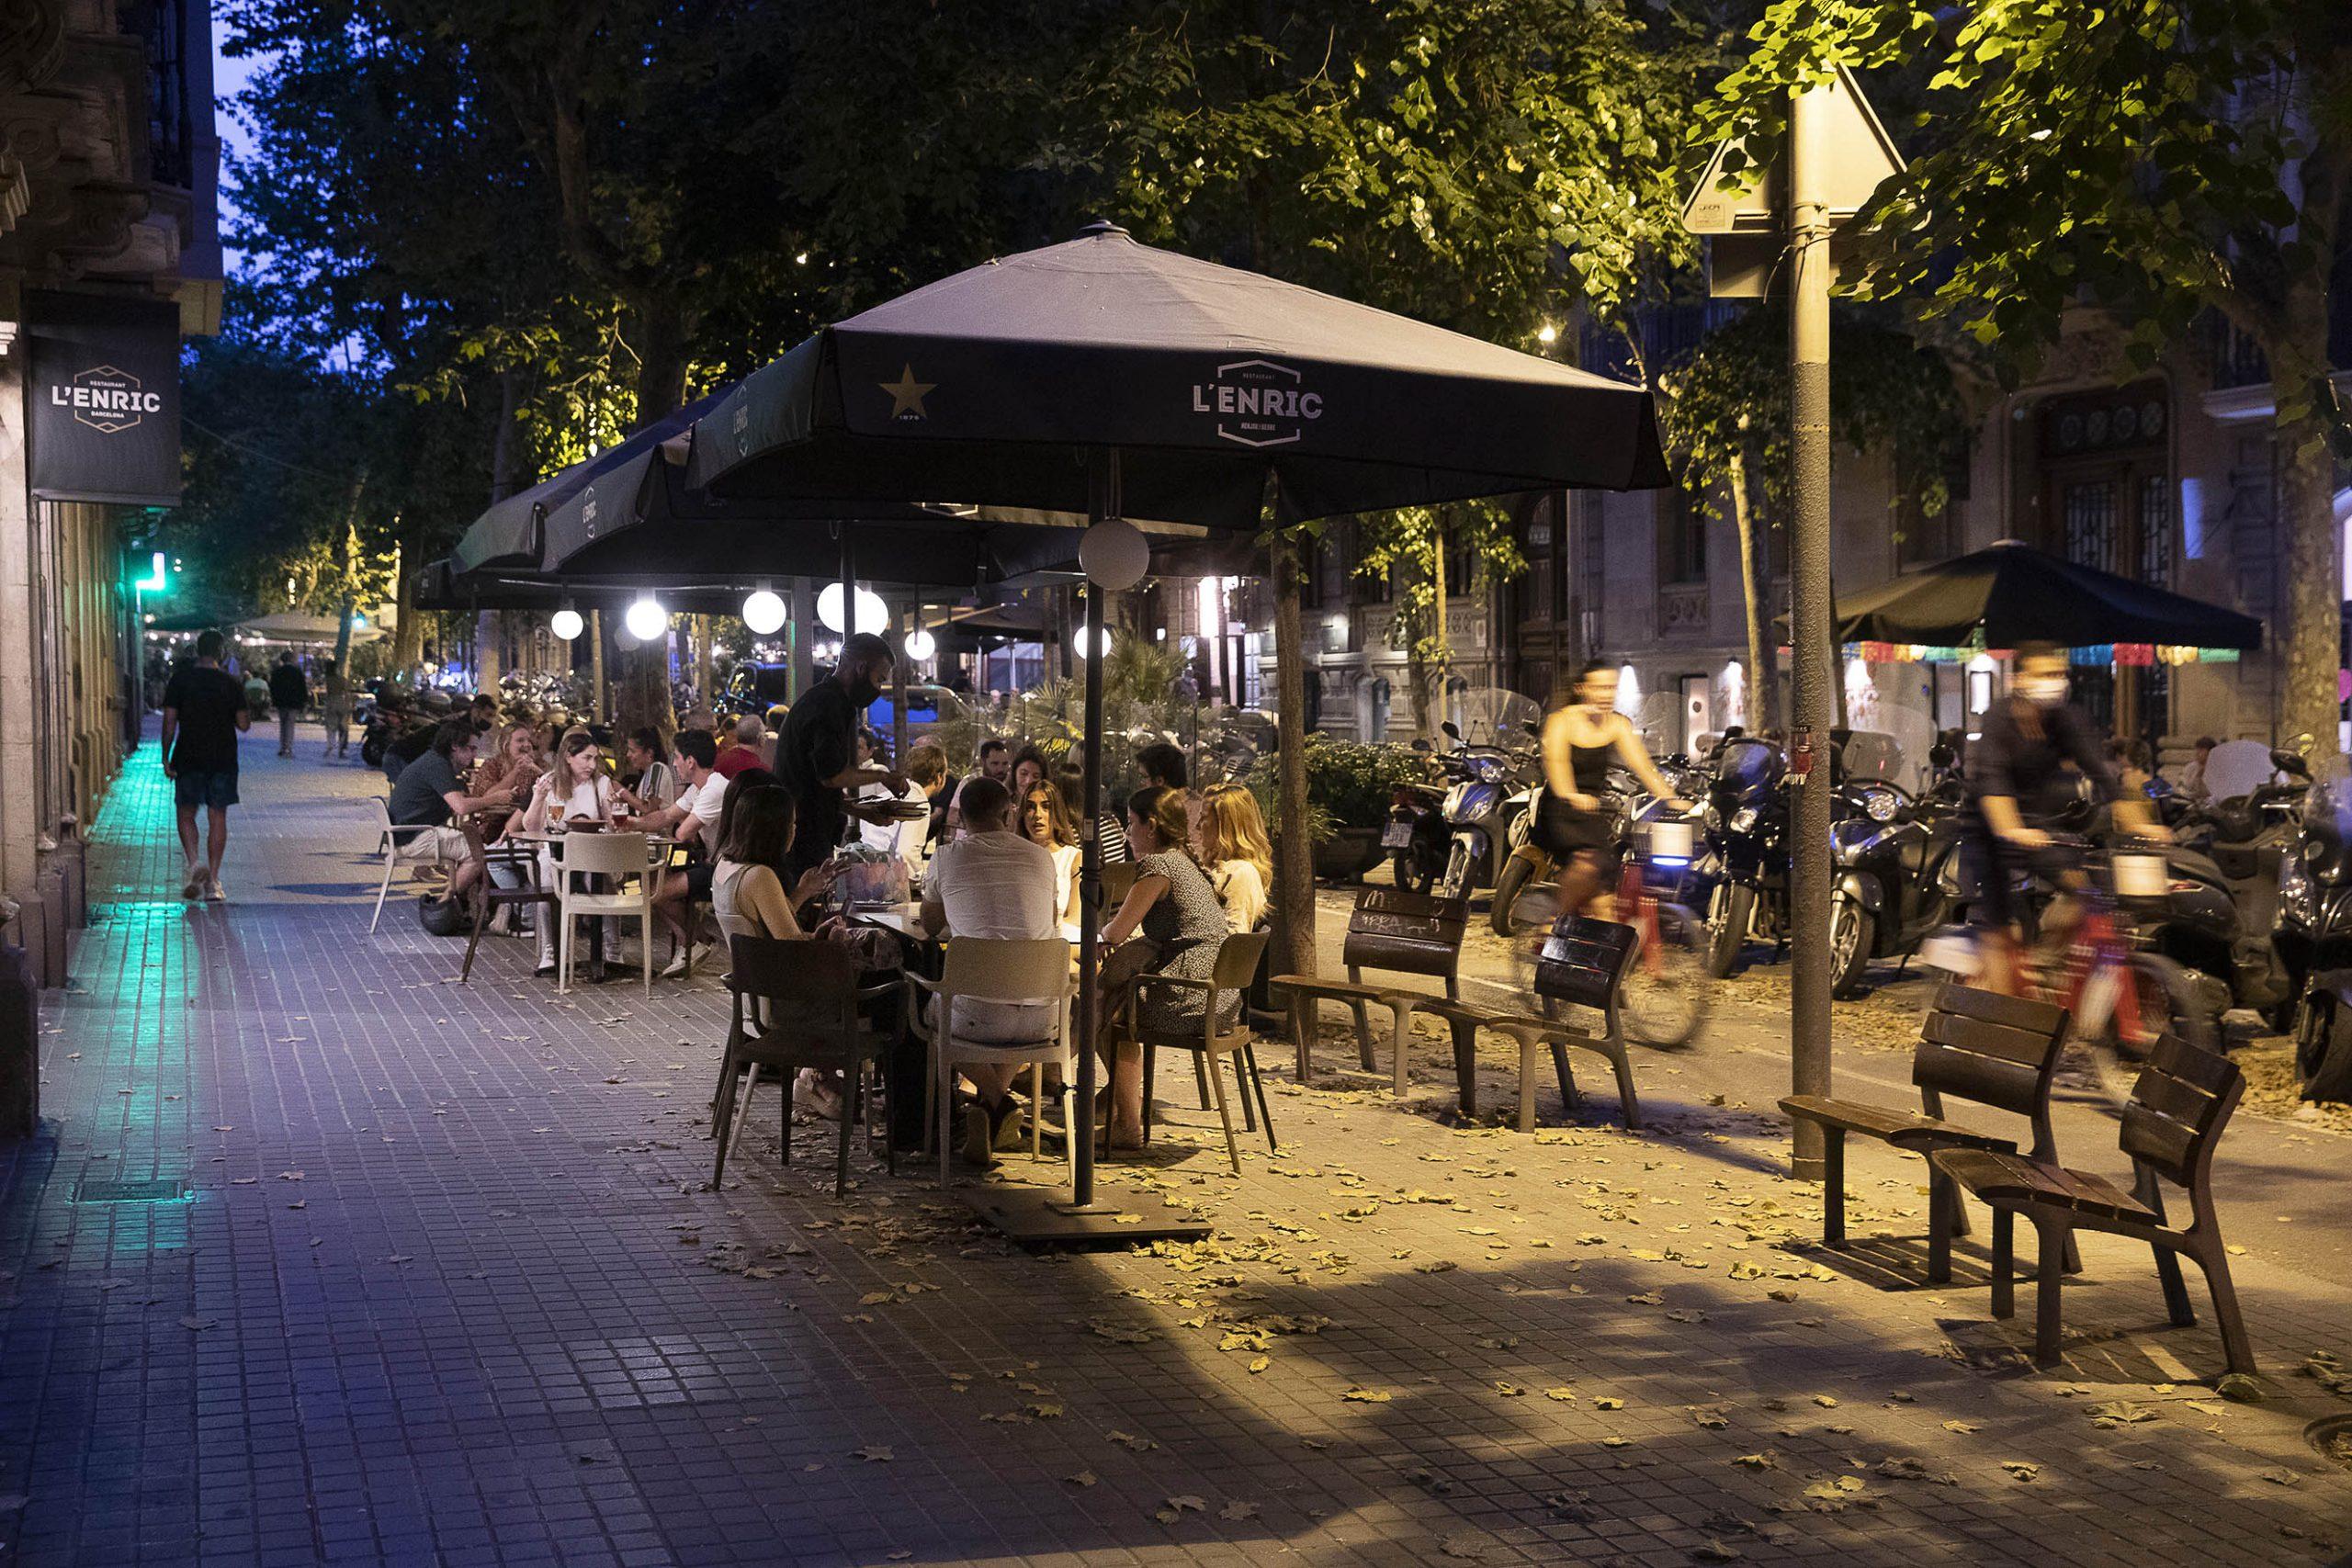 Queixes de veïns per la massificació i soroll de les terrasses a Enric Granados. Jordi Play